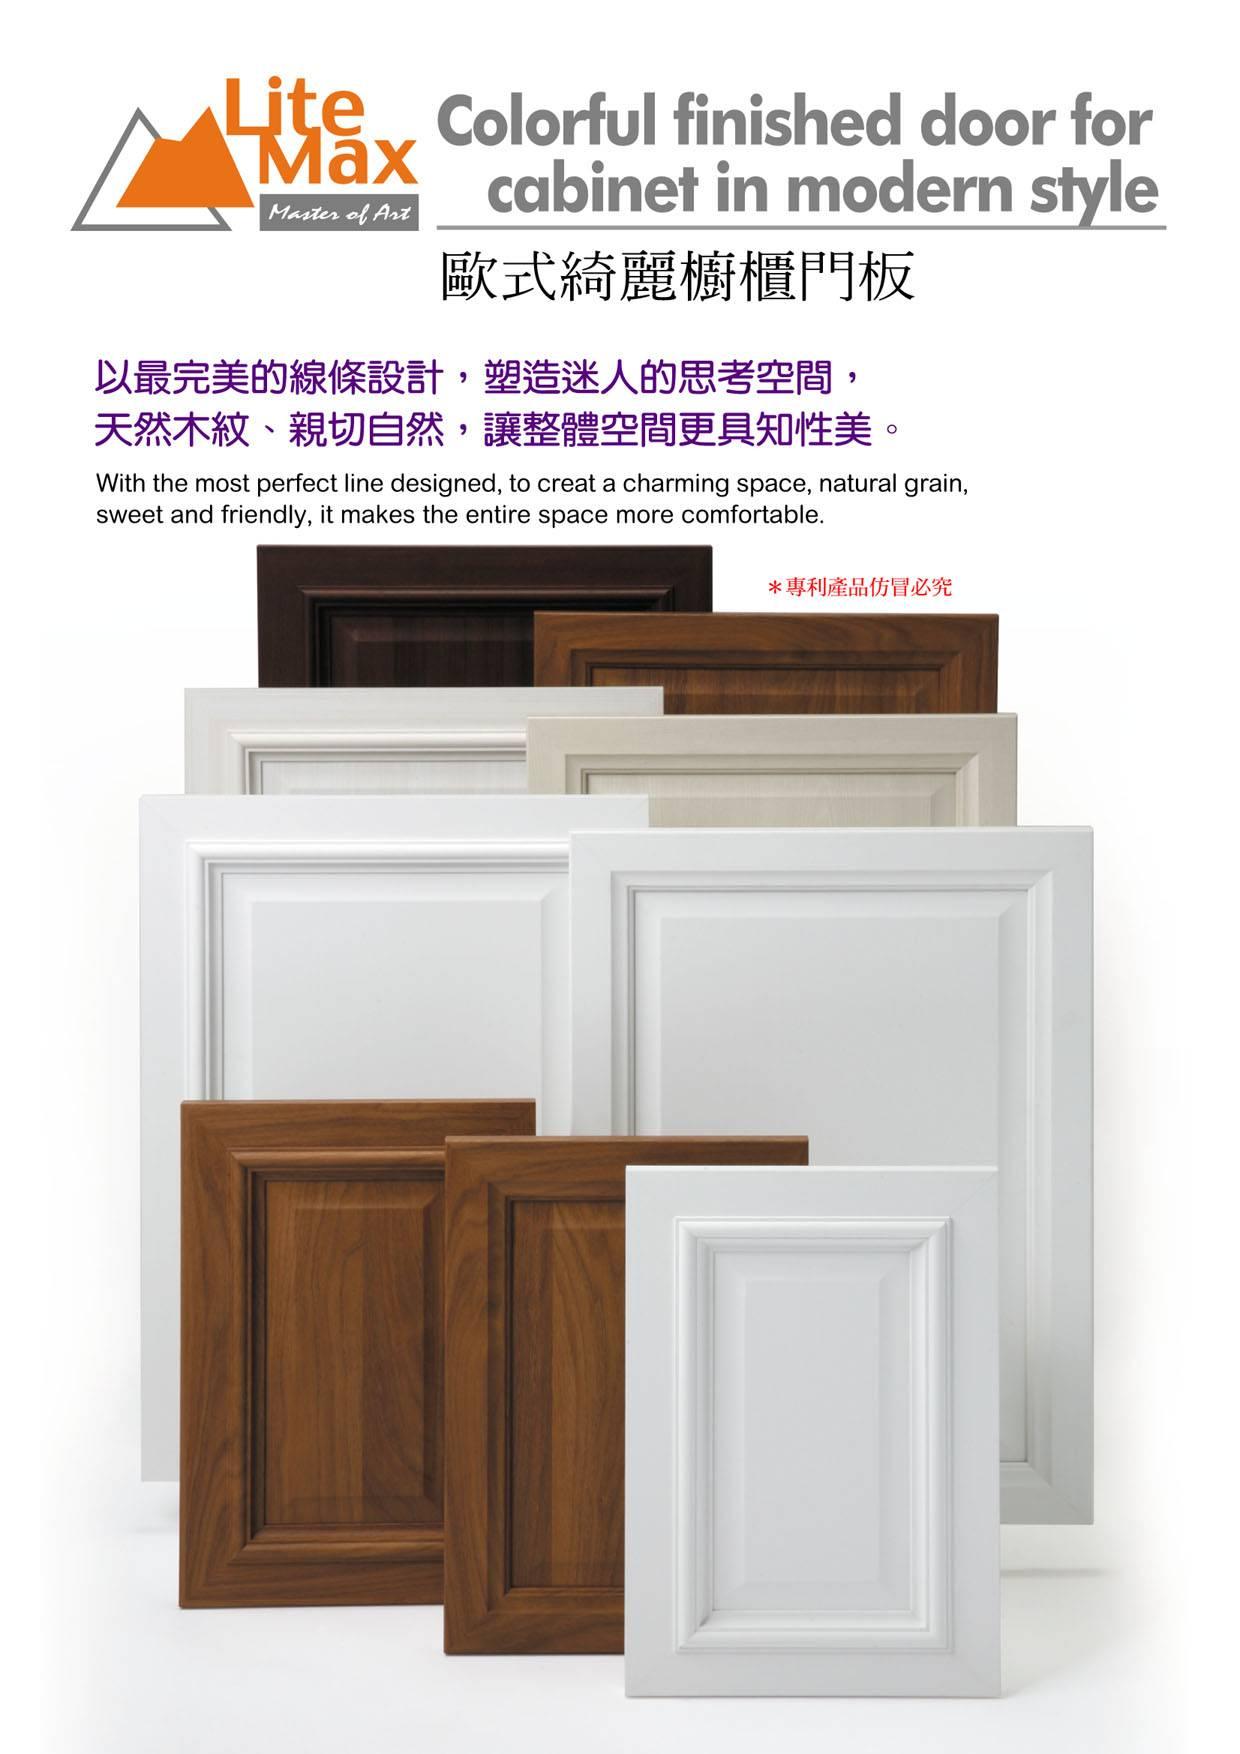 Doors for Cabinet